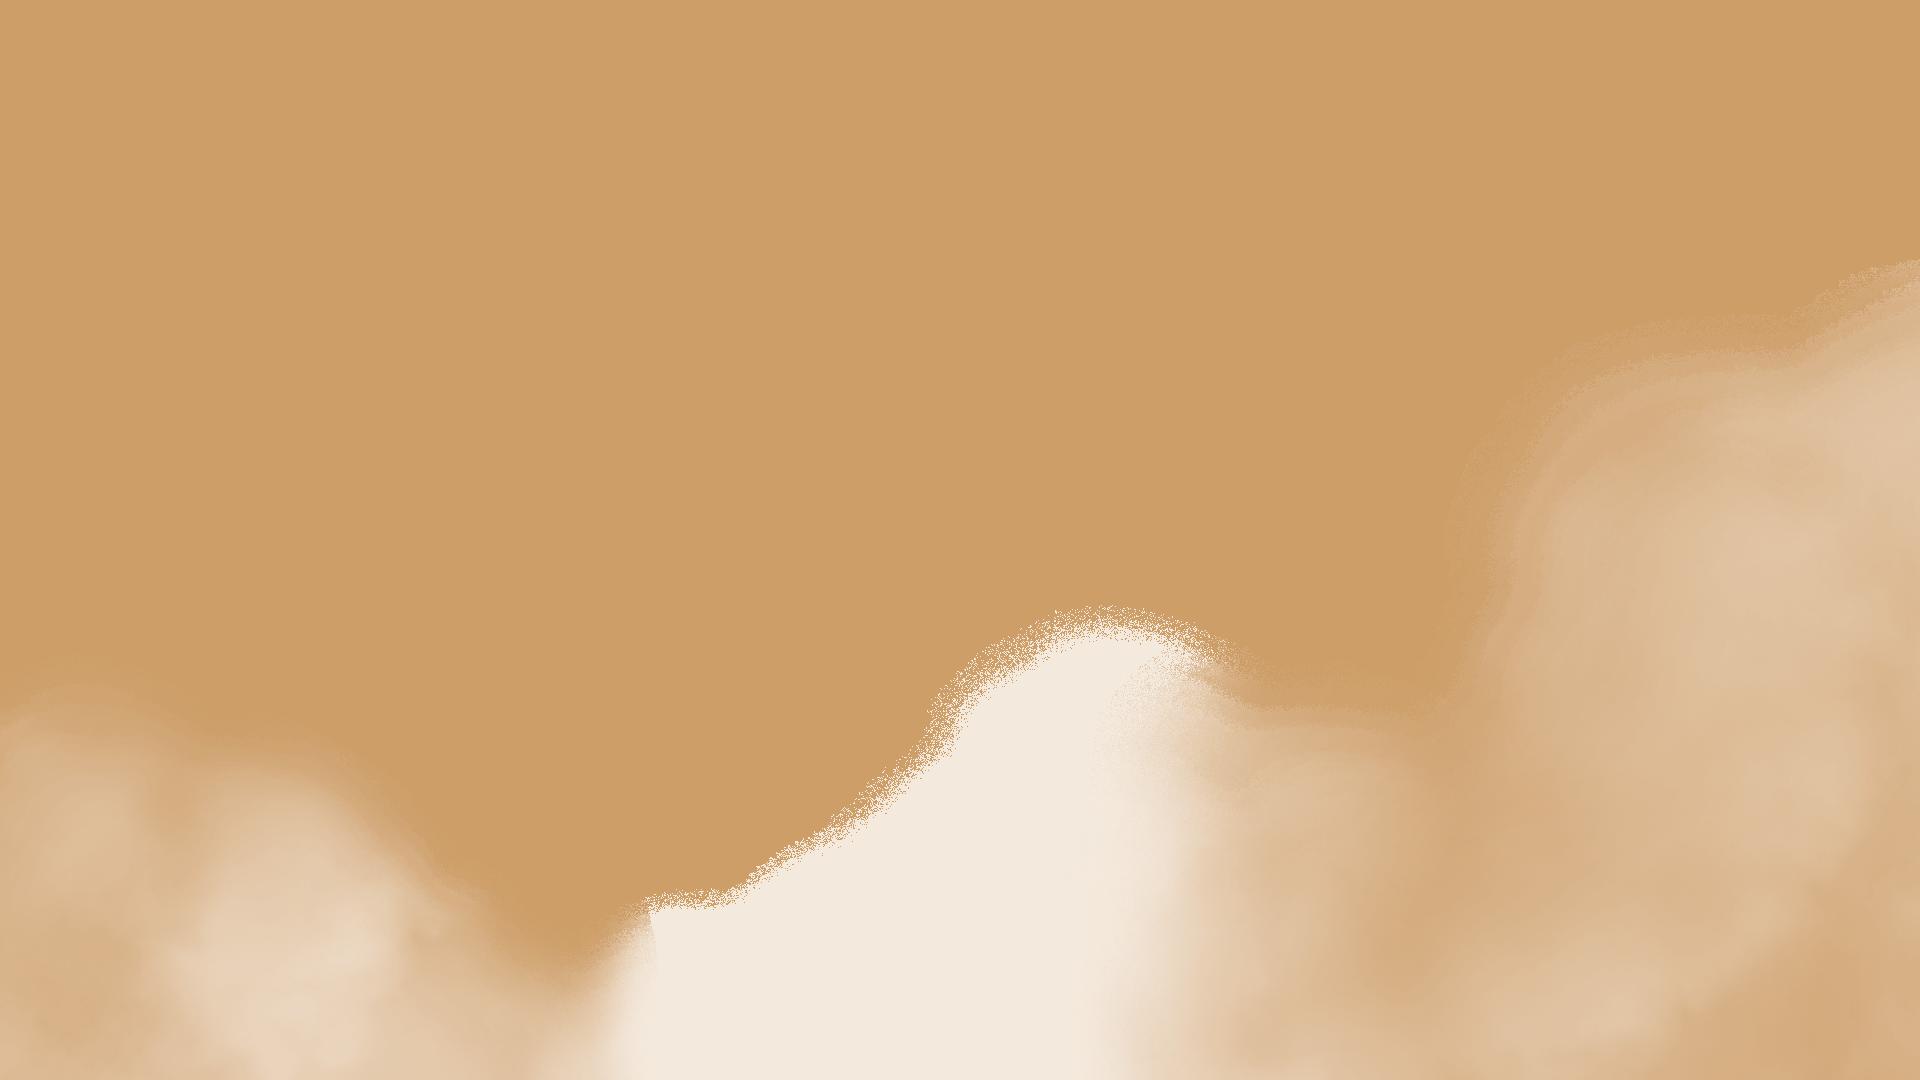 0805_BG_fg mist.png